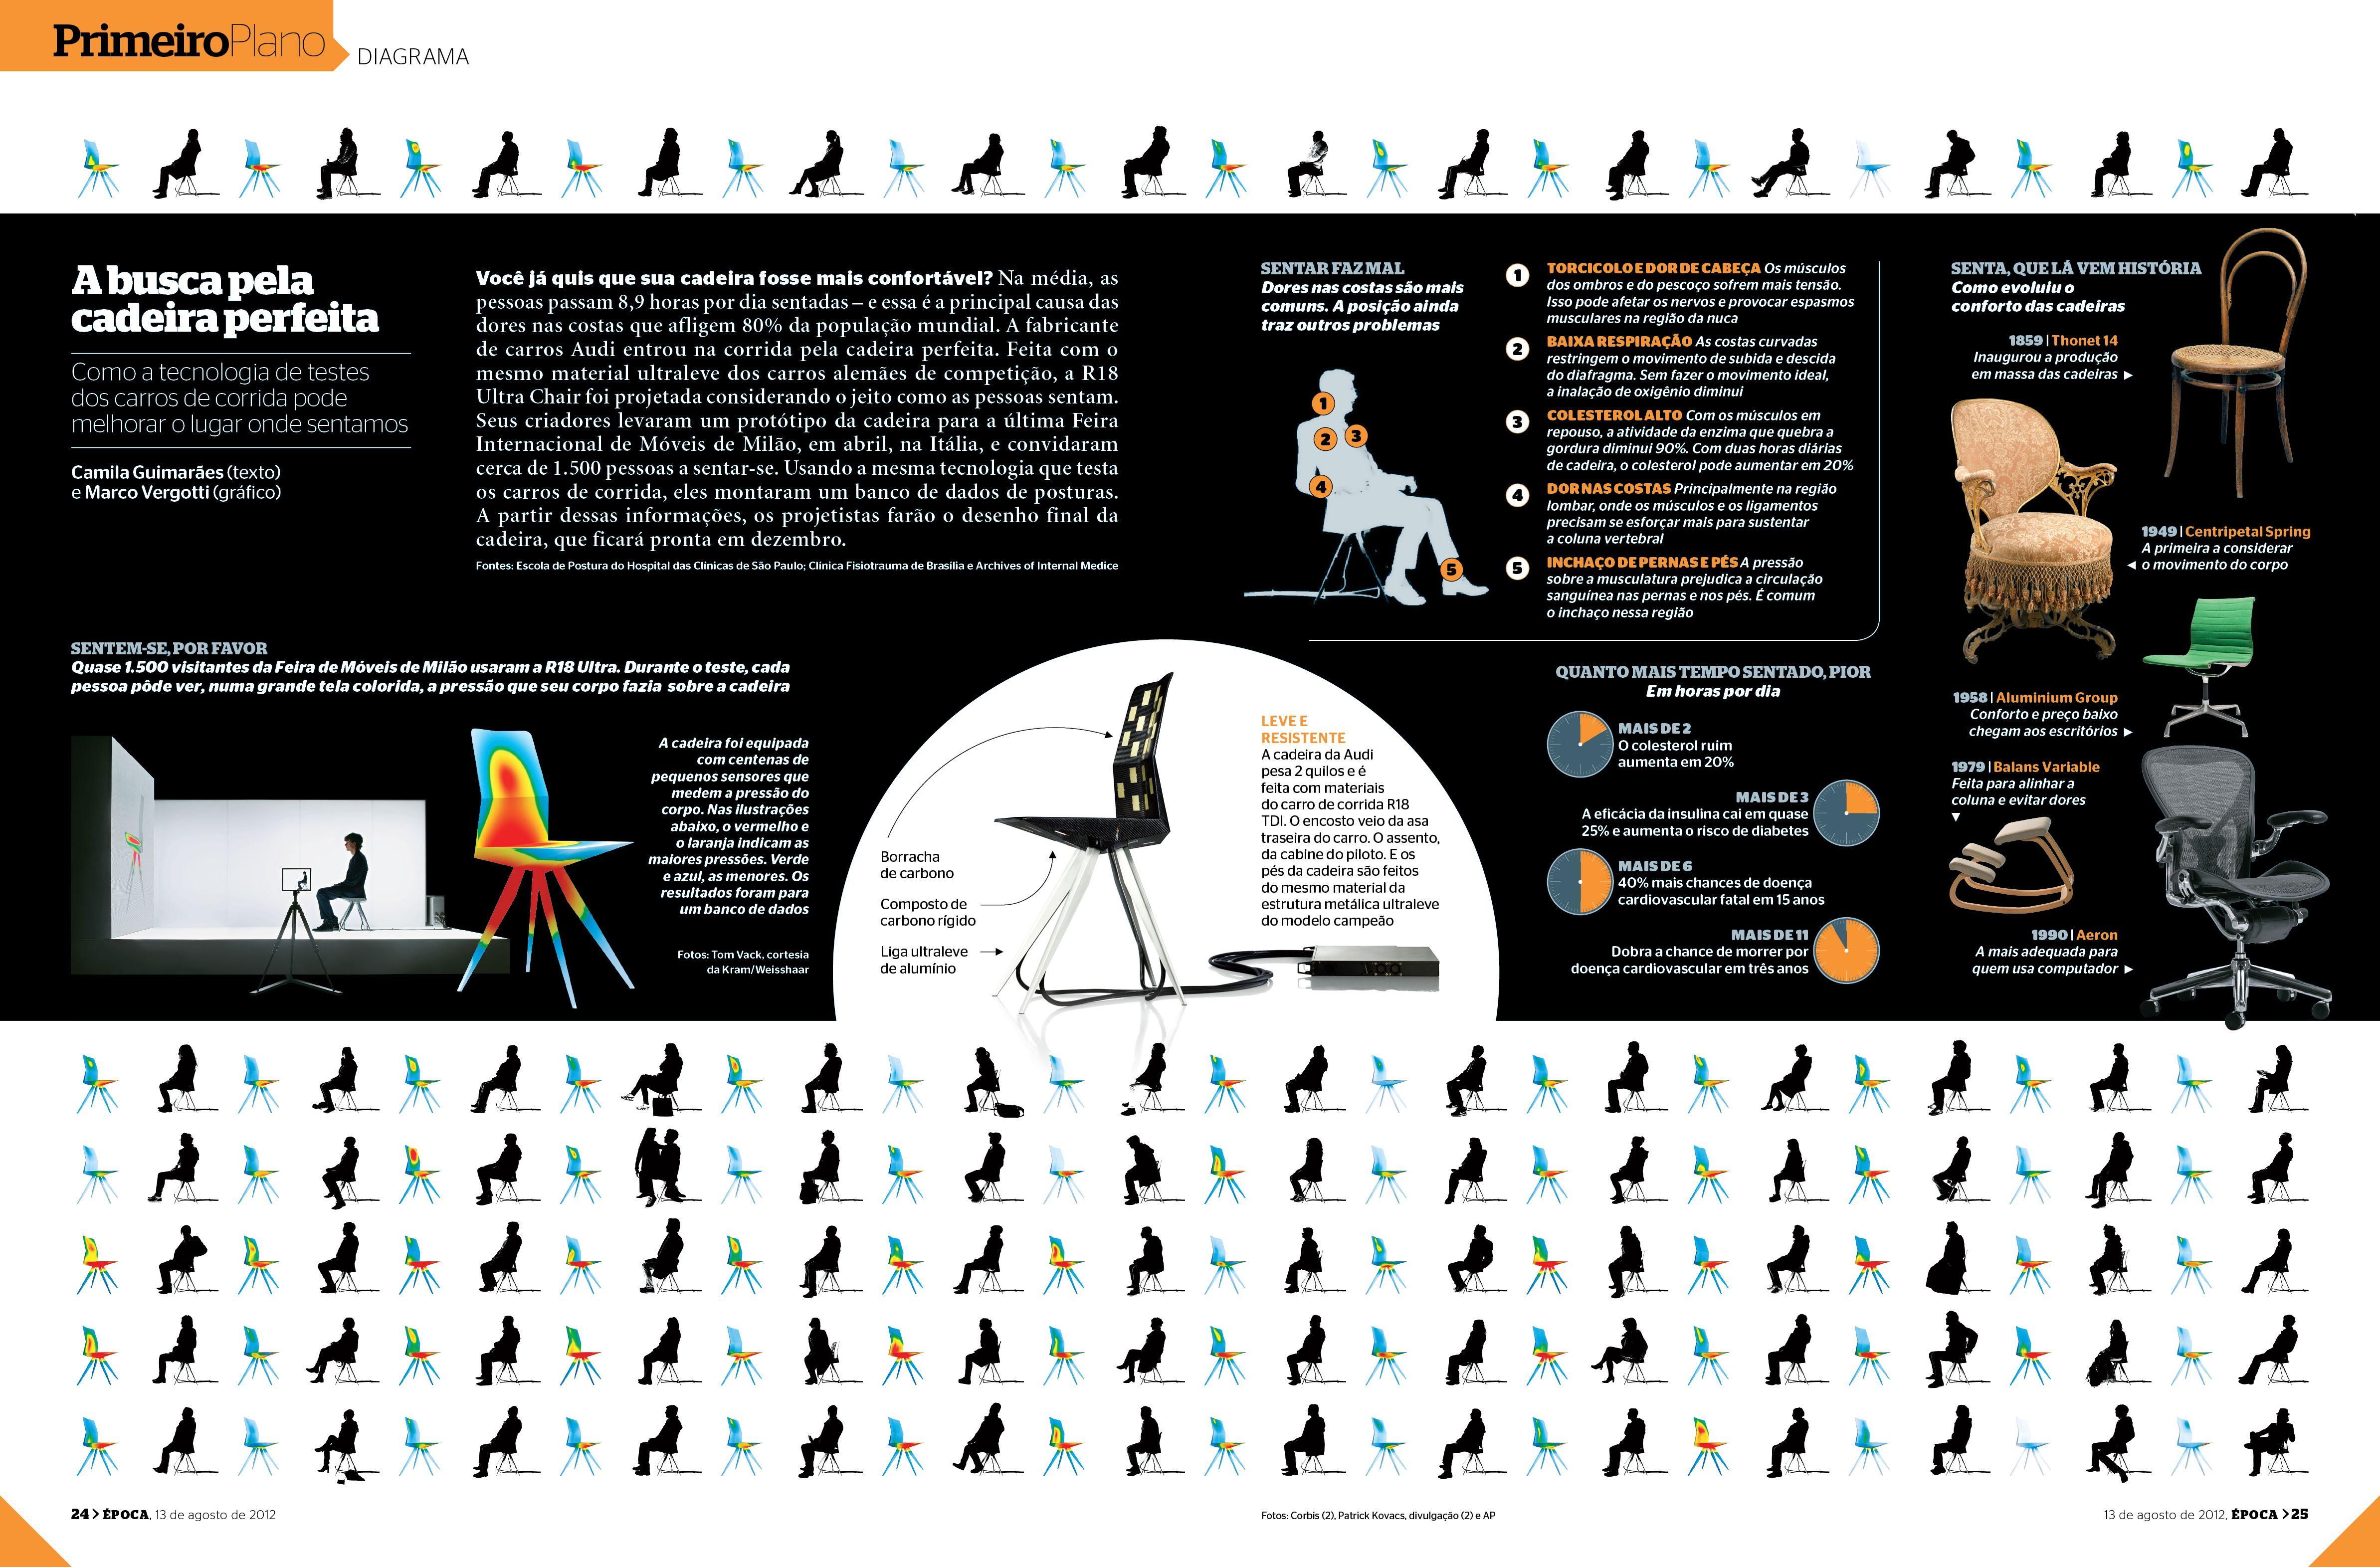 Edição 743 - A busca pela cadeira perfeita - versão online: http://revistaepoca.globo.com/diagrama/noticia/2012/08/busca-pela-cadeira-perfeita.html